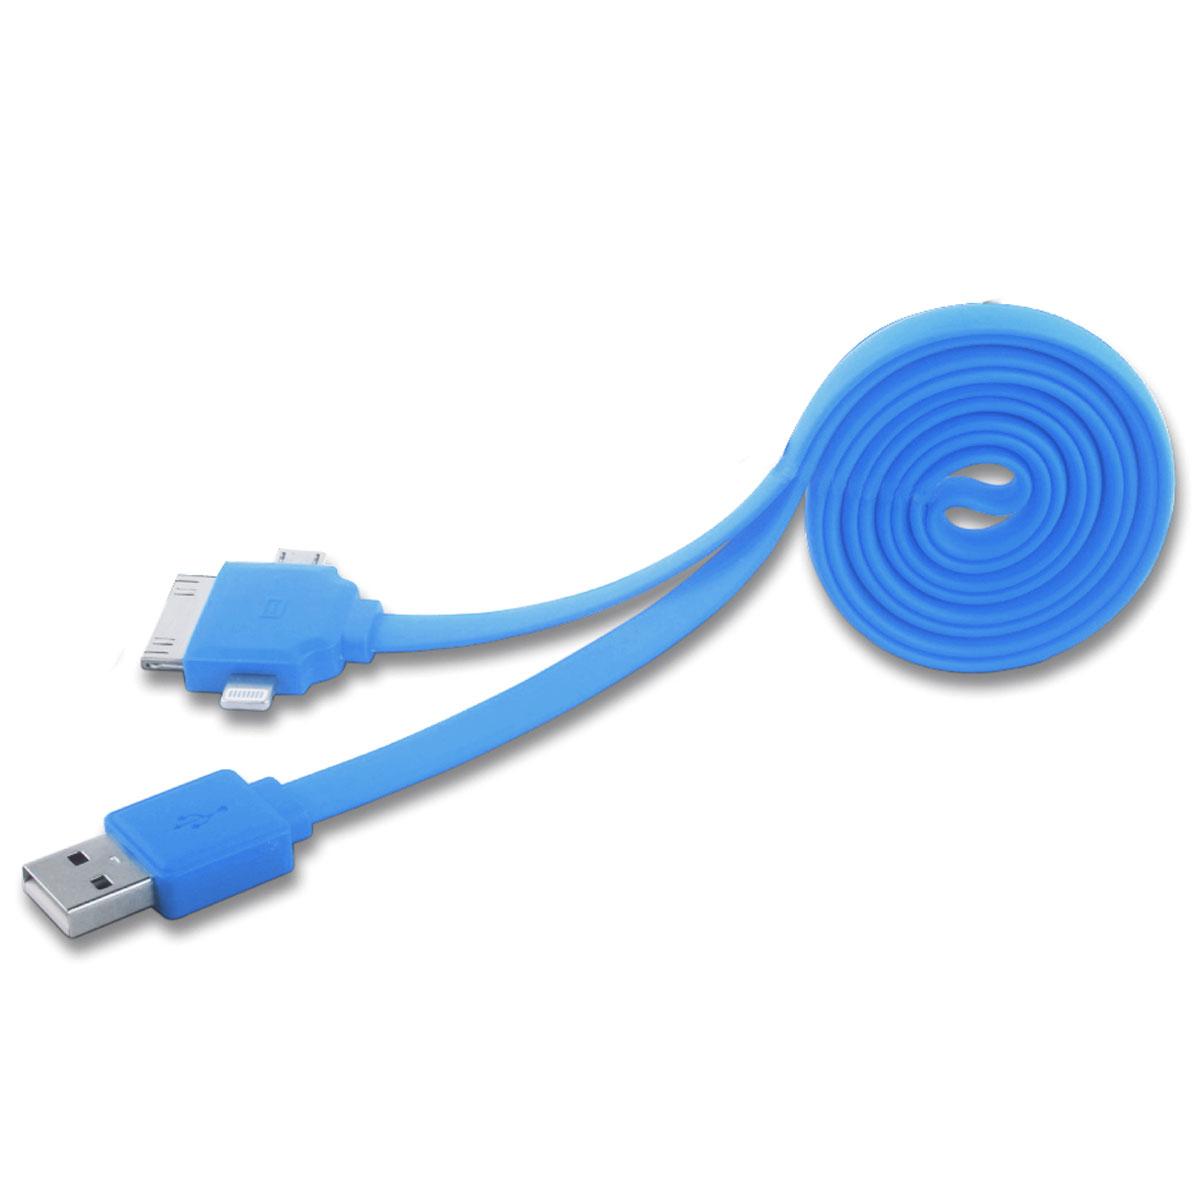 Harper CCH-401, Blue универсальный USB кабель 3-в-1CCH-401 blueСупер-функциональный кабель 3-в-1 Harper CCH-401 позволяет не только заряжать, но и синхронизировать одновременно 3 устройства с помощью 3 коннекторов: Micro USB, Lightning, Apple 30-pin. Больше никакой путаницы и неразберихи — один кабель для всей техники! Заряжайте и синхронизируйте одновременно 3 устройства! С этим кабелем вы забудете, о клубках из проводов, куче переходников и самое главное - вам не придется заряжать ваши гаджеты по очереди, так что никто не будет обделен зарядкой.